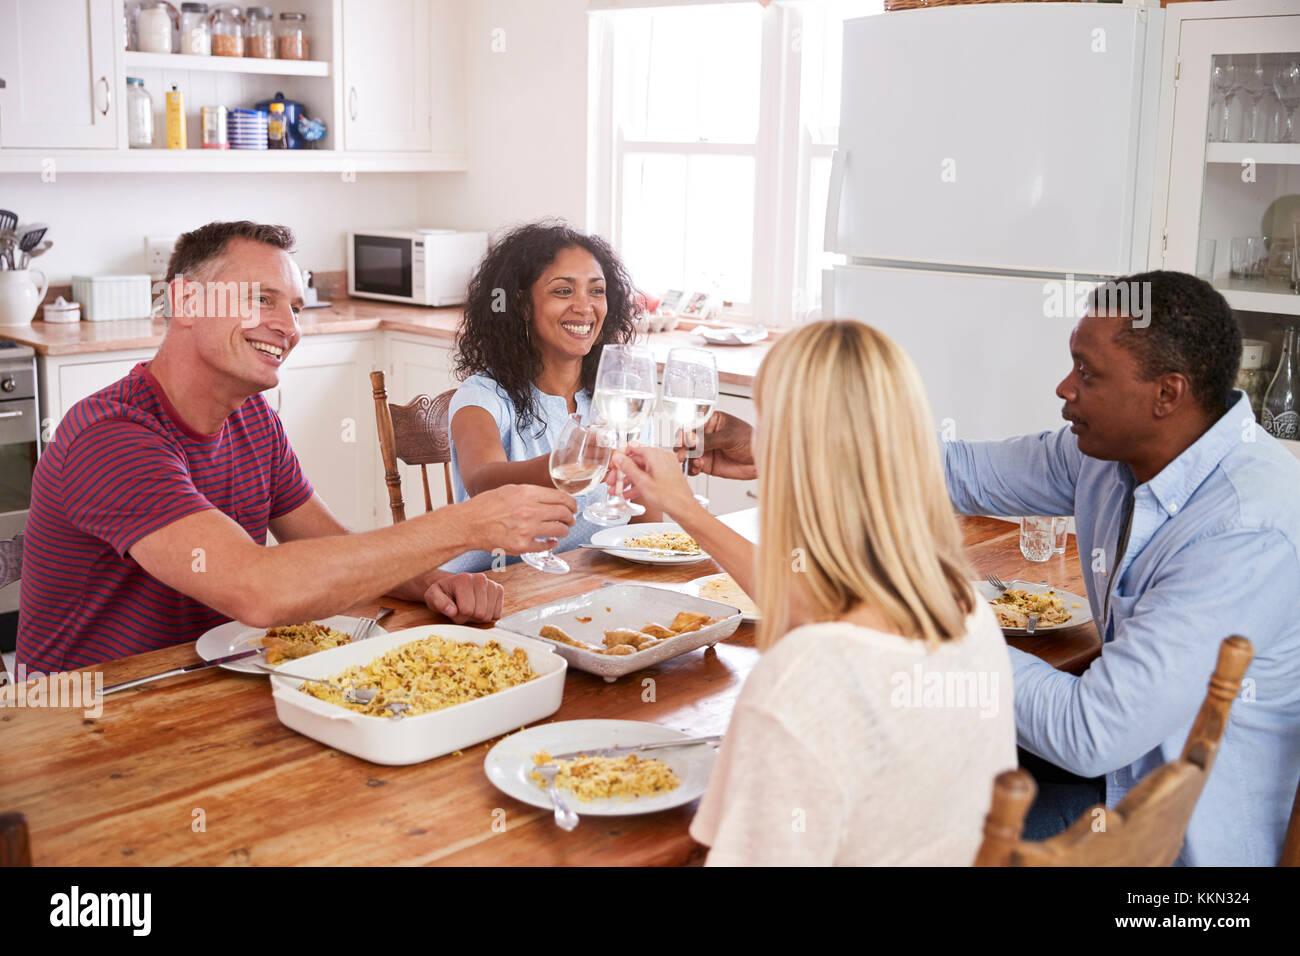 Recevoir Des Amis d'âge mûr pour recevoir des amis à dîner banque d'images, photo